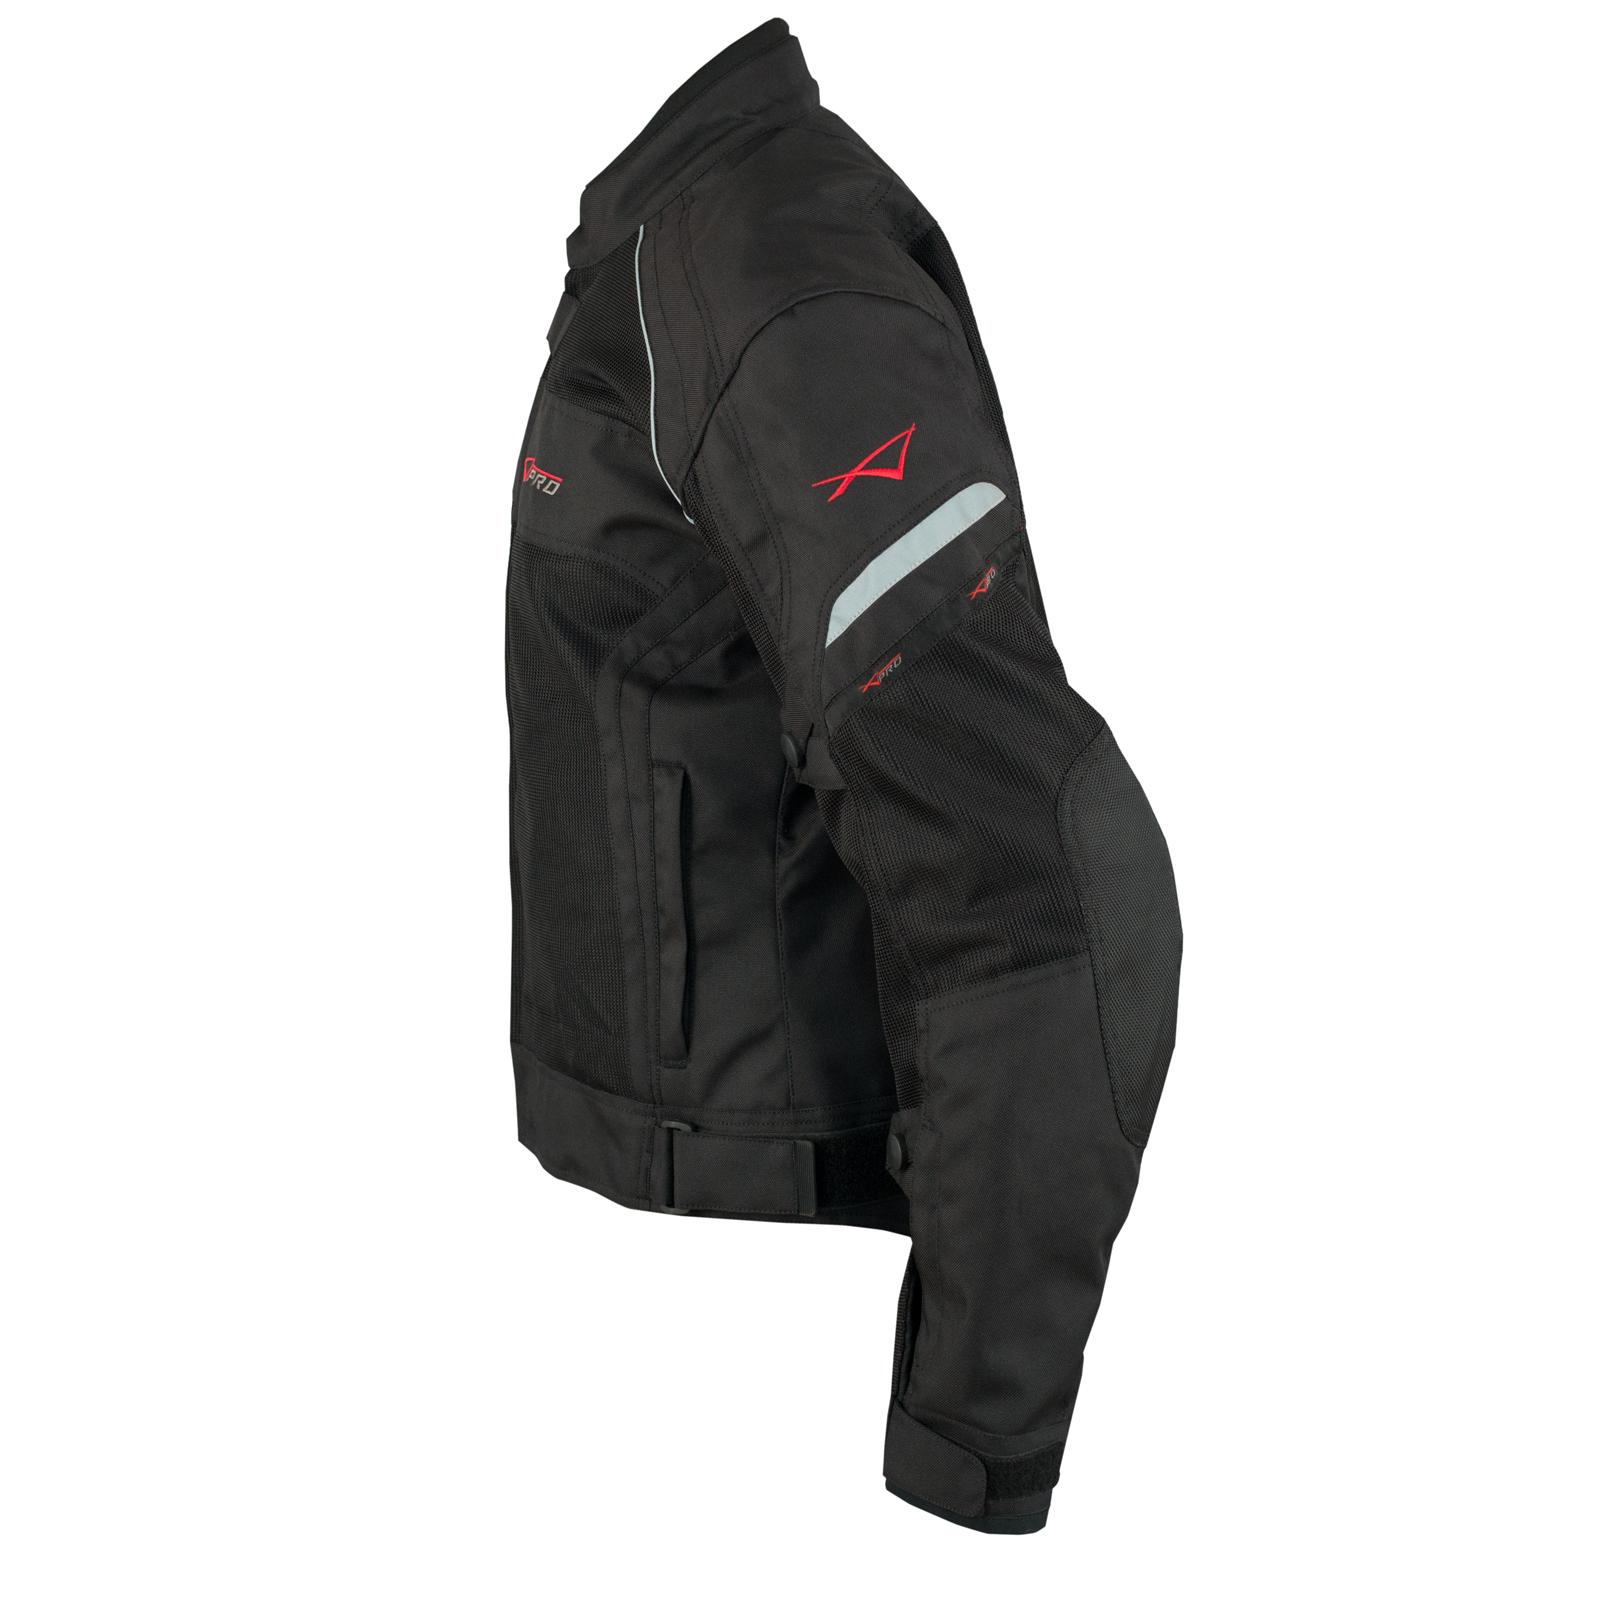 Donna-Giacca-Moto-Tessuto-Impermeabile-Traspirante-Riflettente-Nero